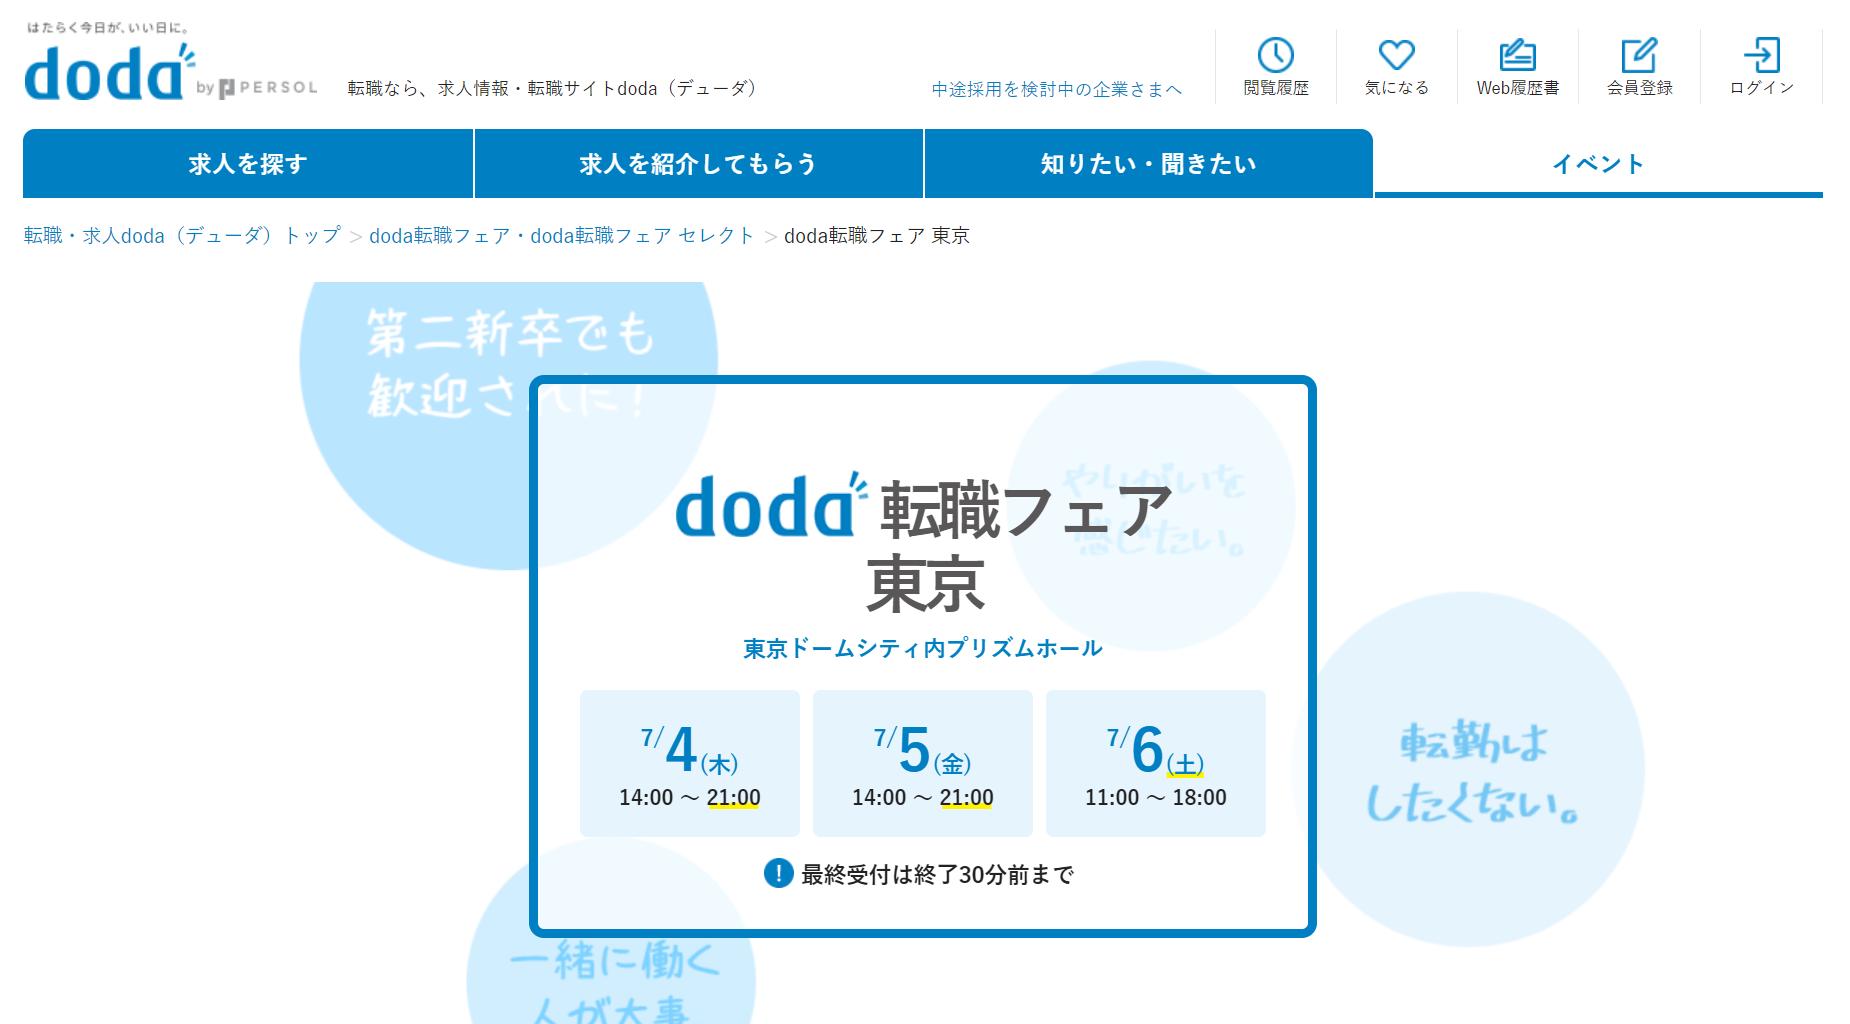 doda転職フェア 事前登録 01